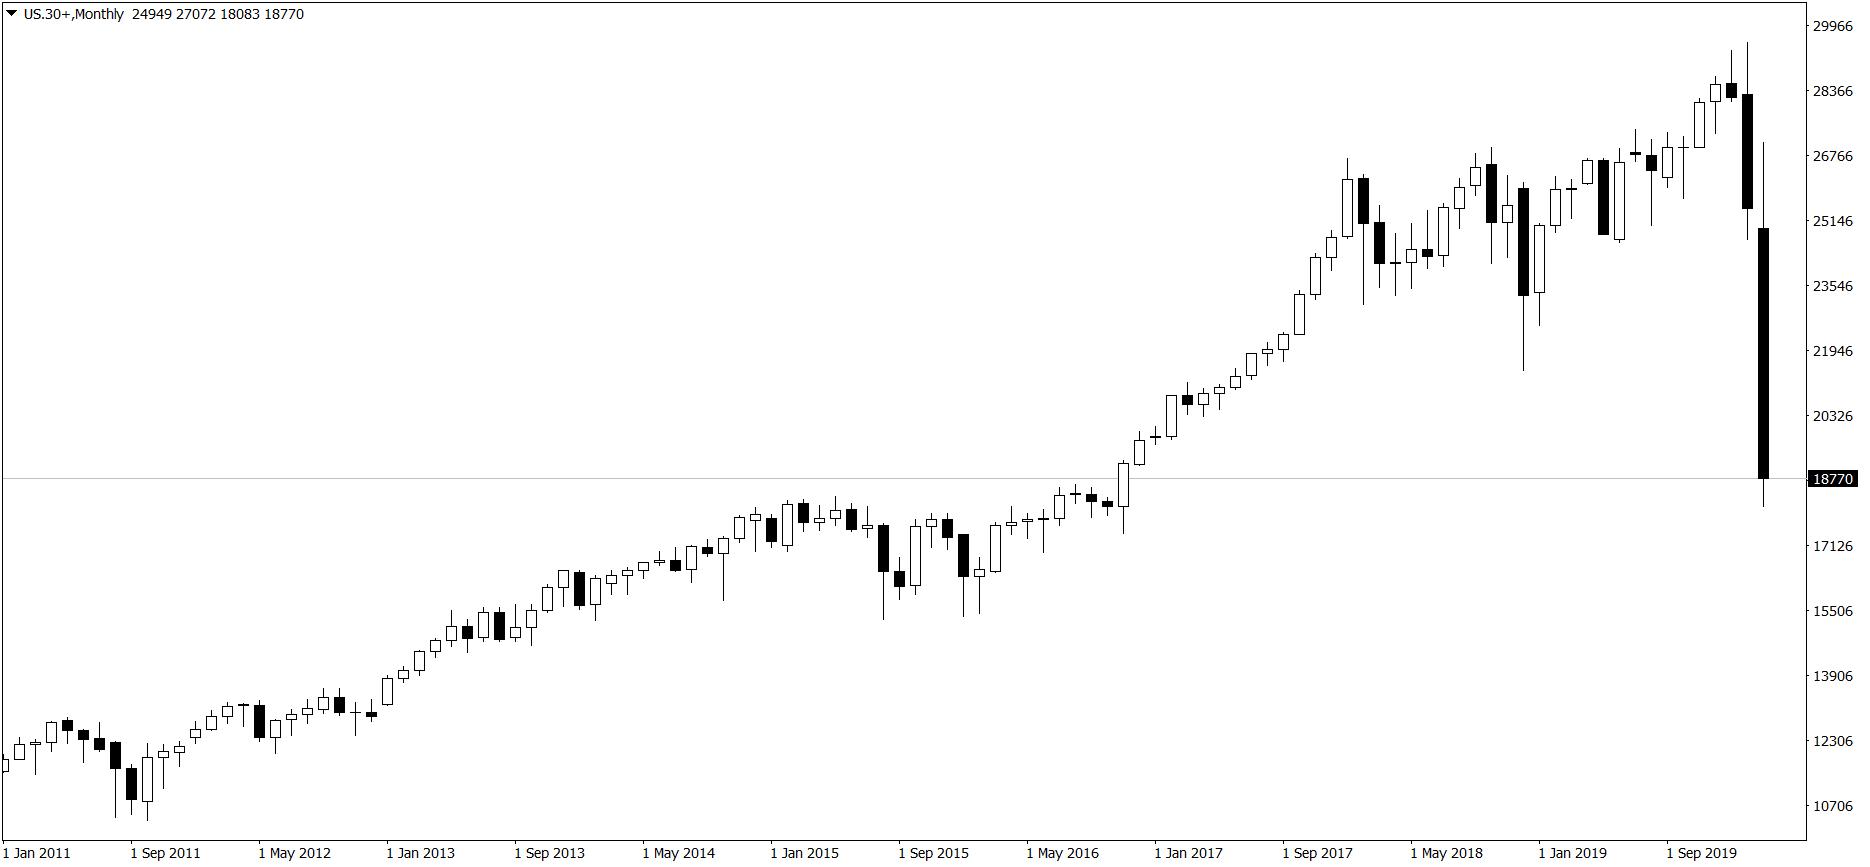 Dow Jones Industrial Average - wykres miesięczny